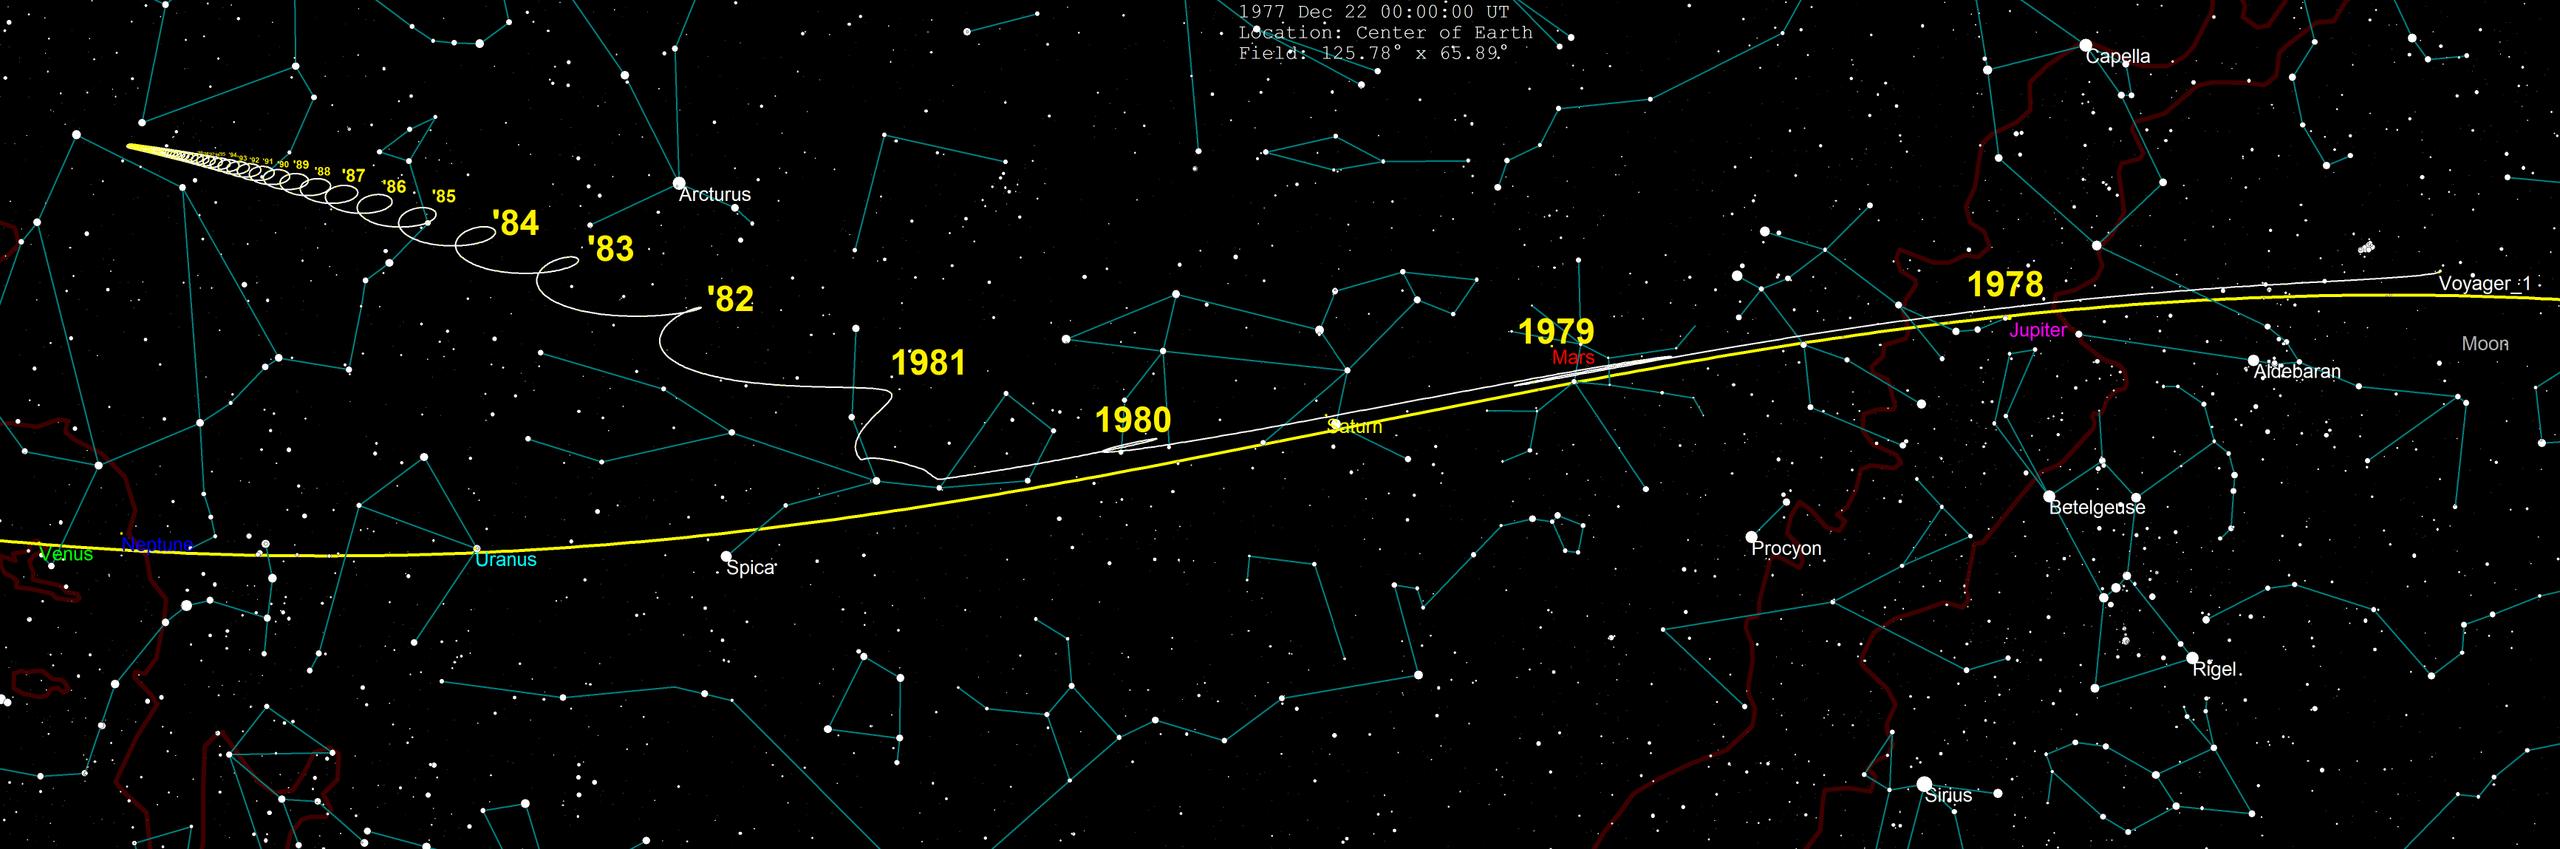 Wo Ist Voyager 1 Jetzt 2021